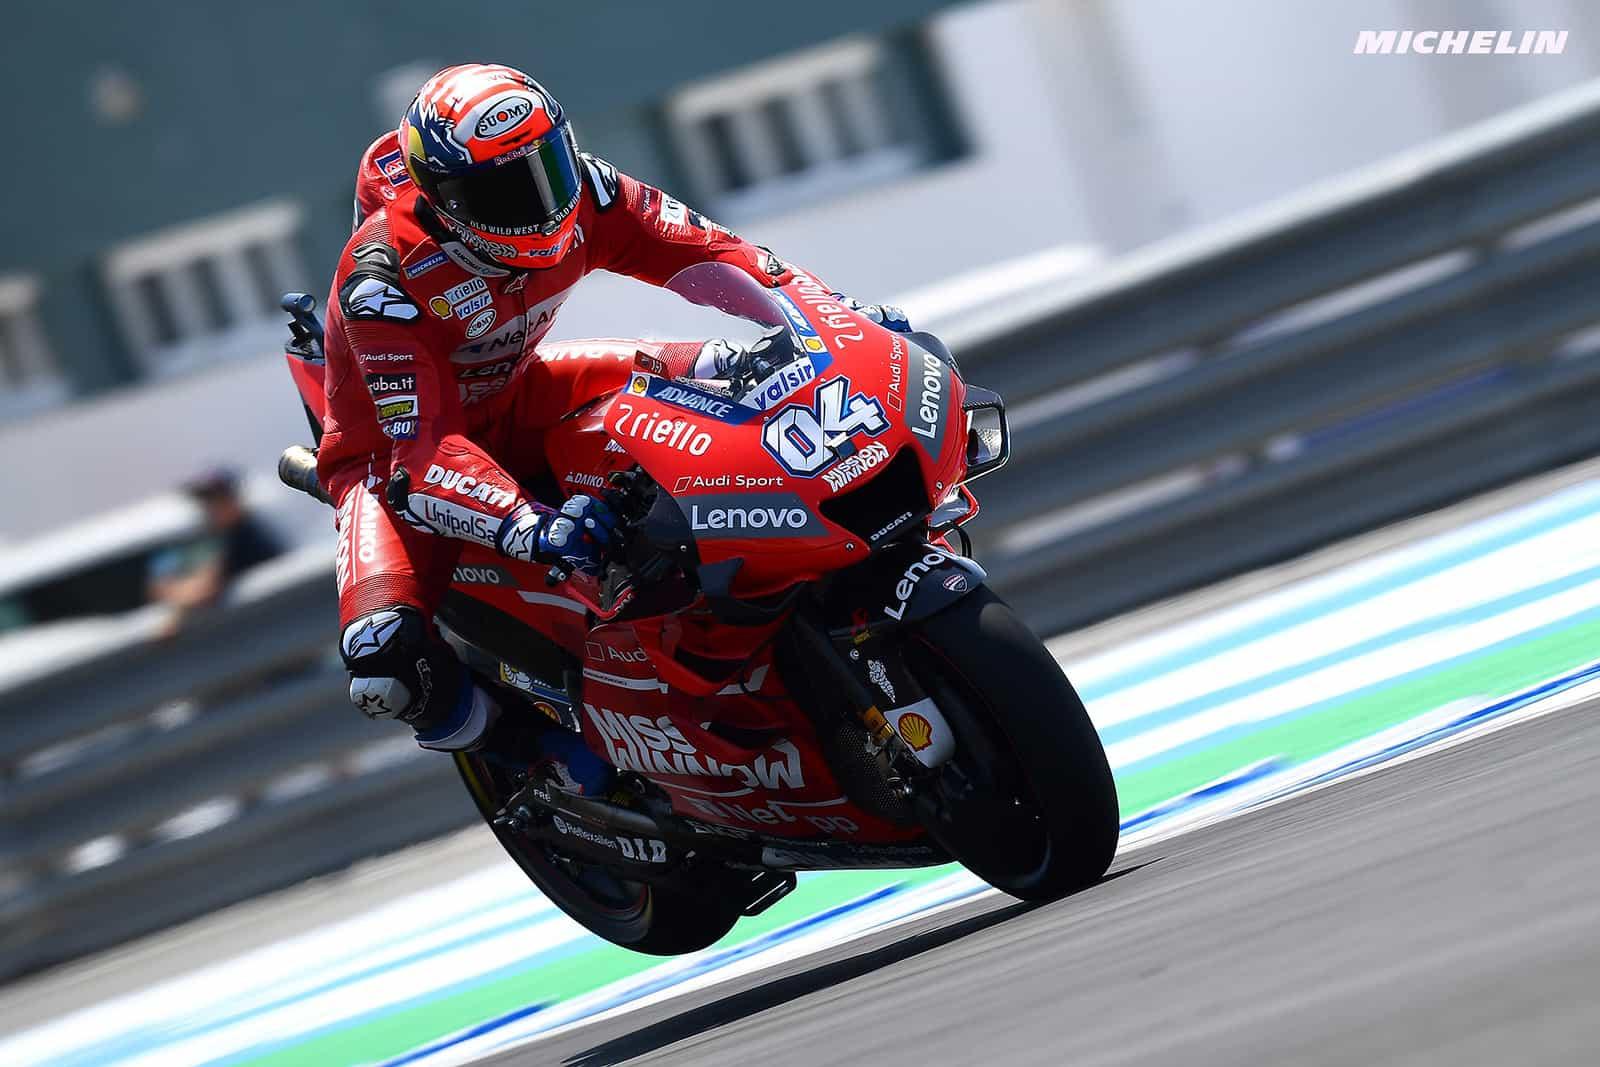 MotoGP2019フランスGP ドヴィツィオーゾ「デスモセディチGPにはアドバンテージがある」